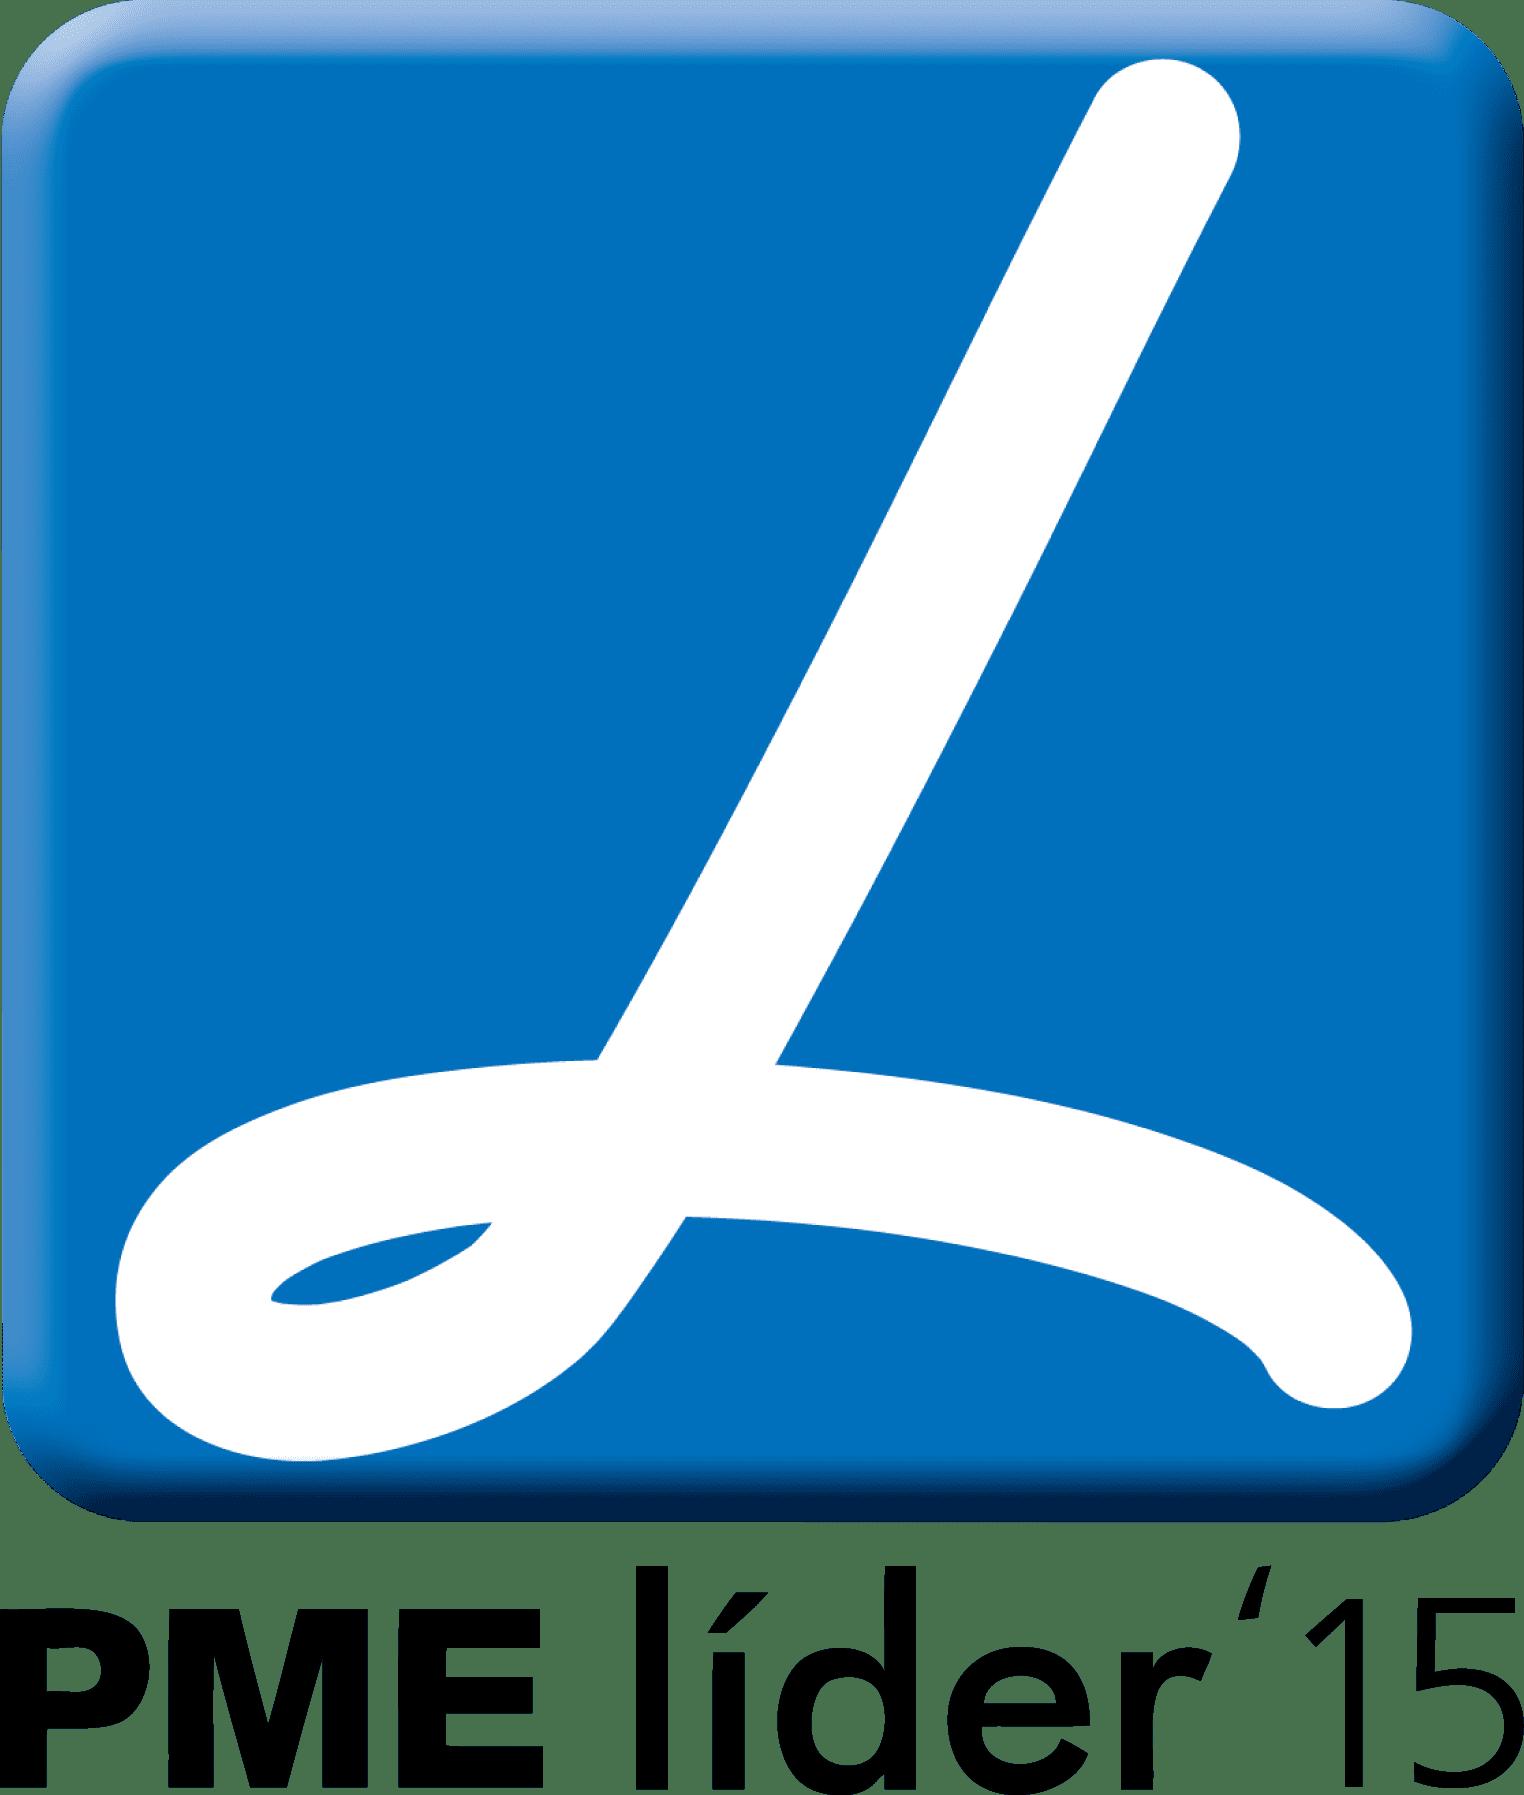 SME Leader